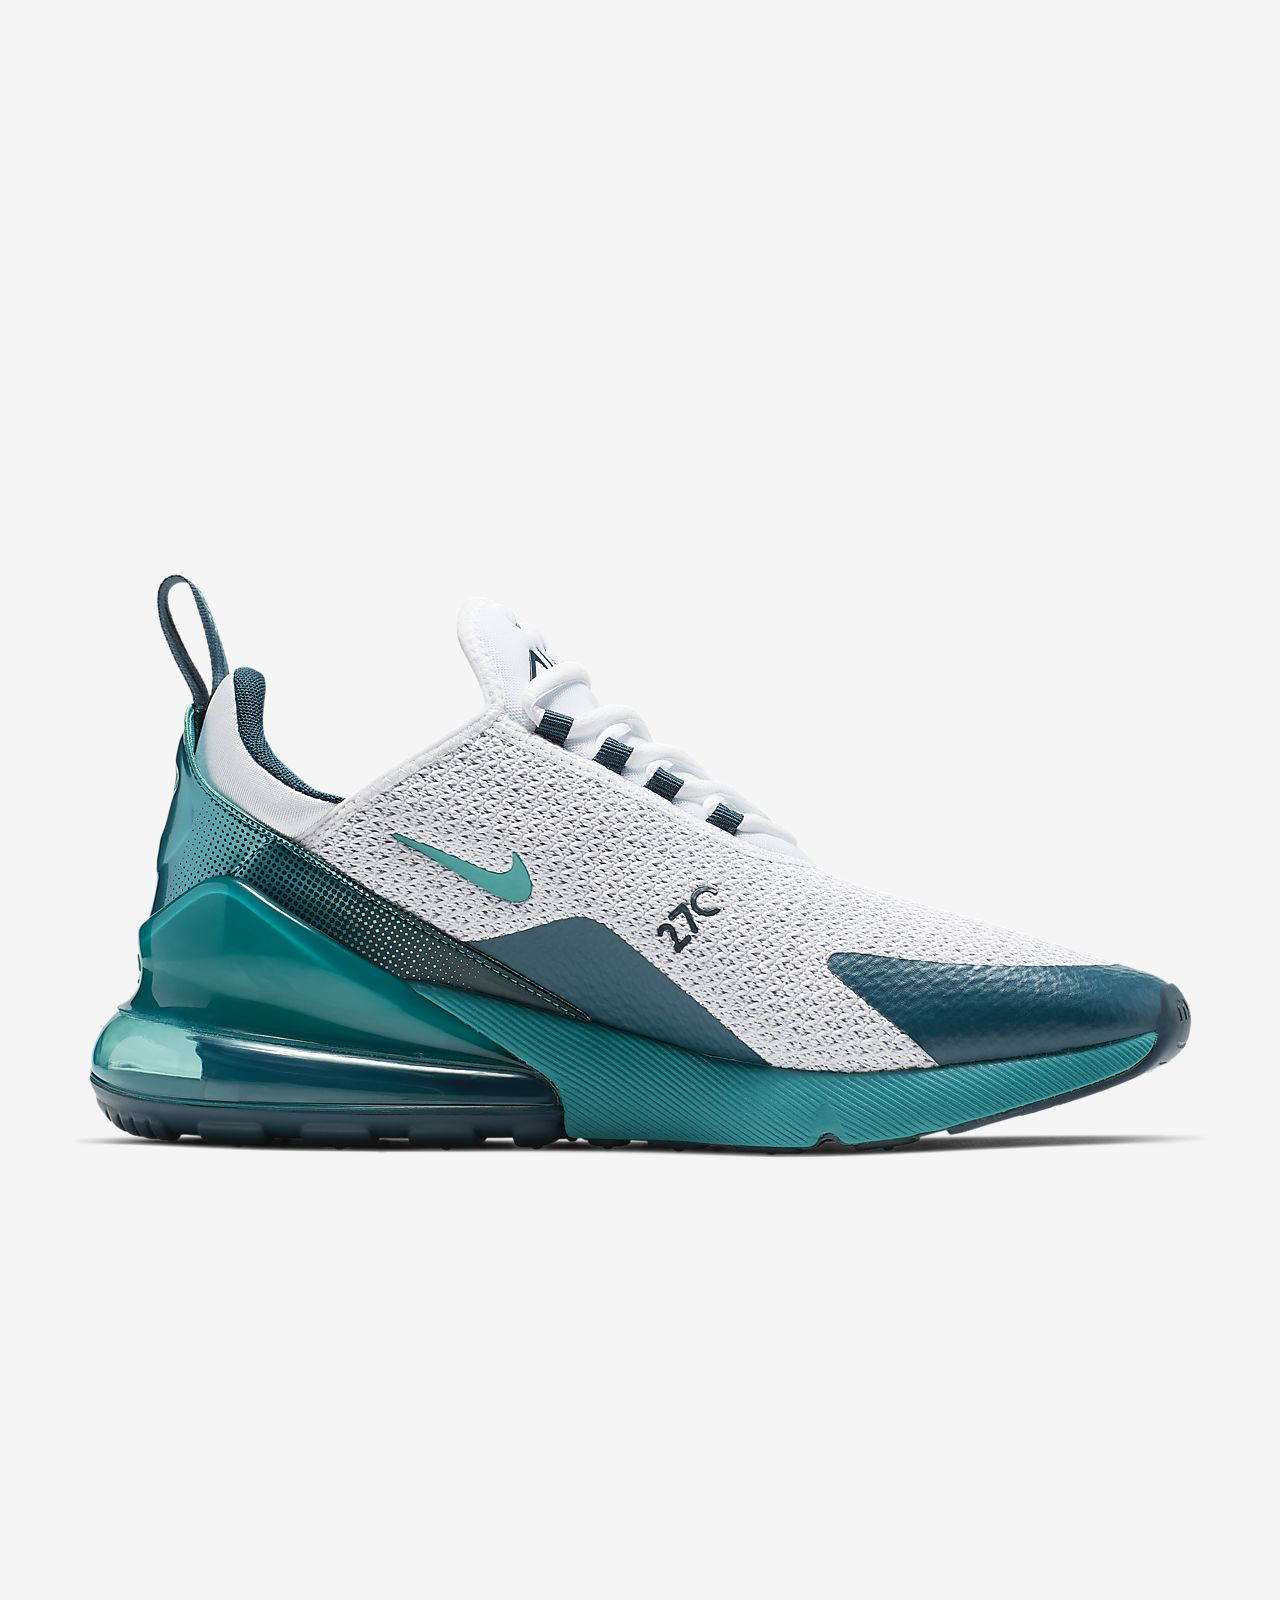 98ca48de393 Nike Air Max 270 SE Men's Shoe